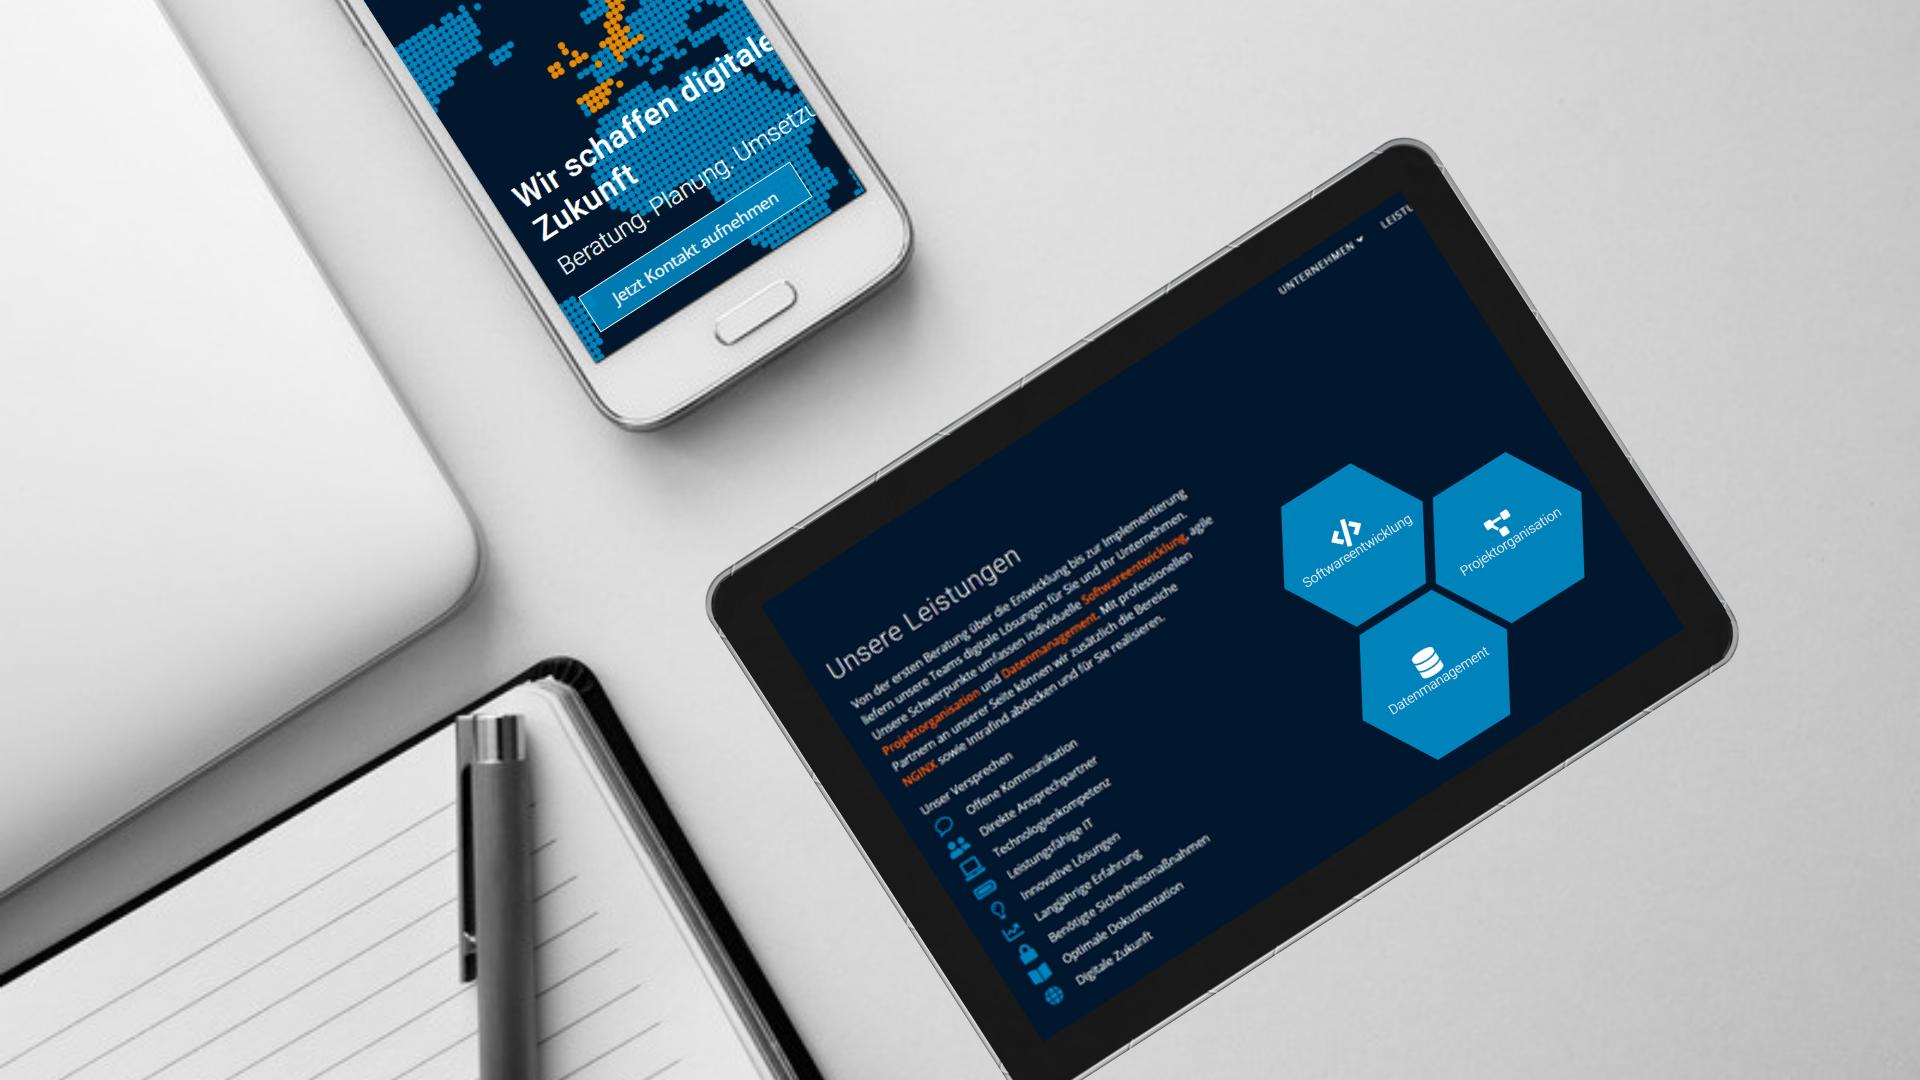 Das Titelbild zeigt die Endgeräte Smartphone und Tablet auf einem weißen Tisch mit dem Design der neuen techmatrix consulting Homepage.